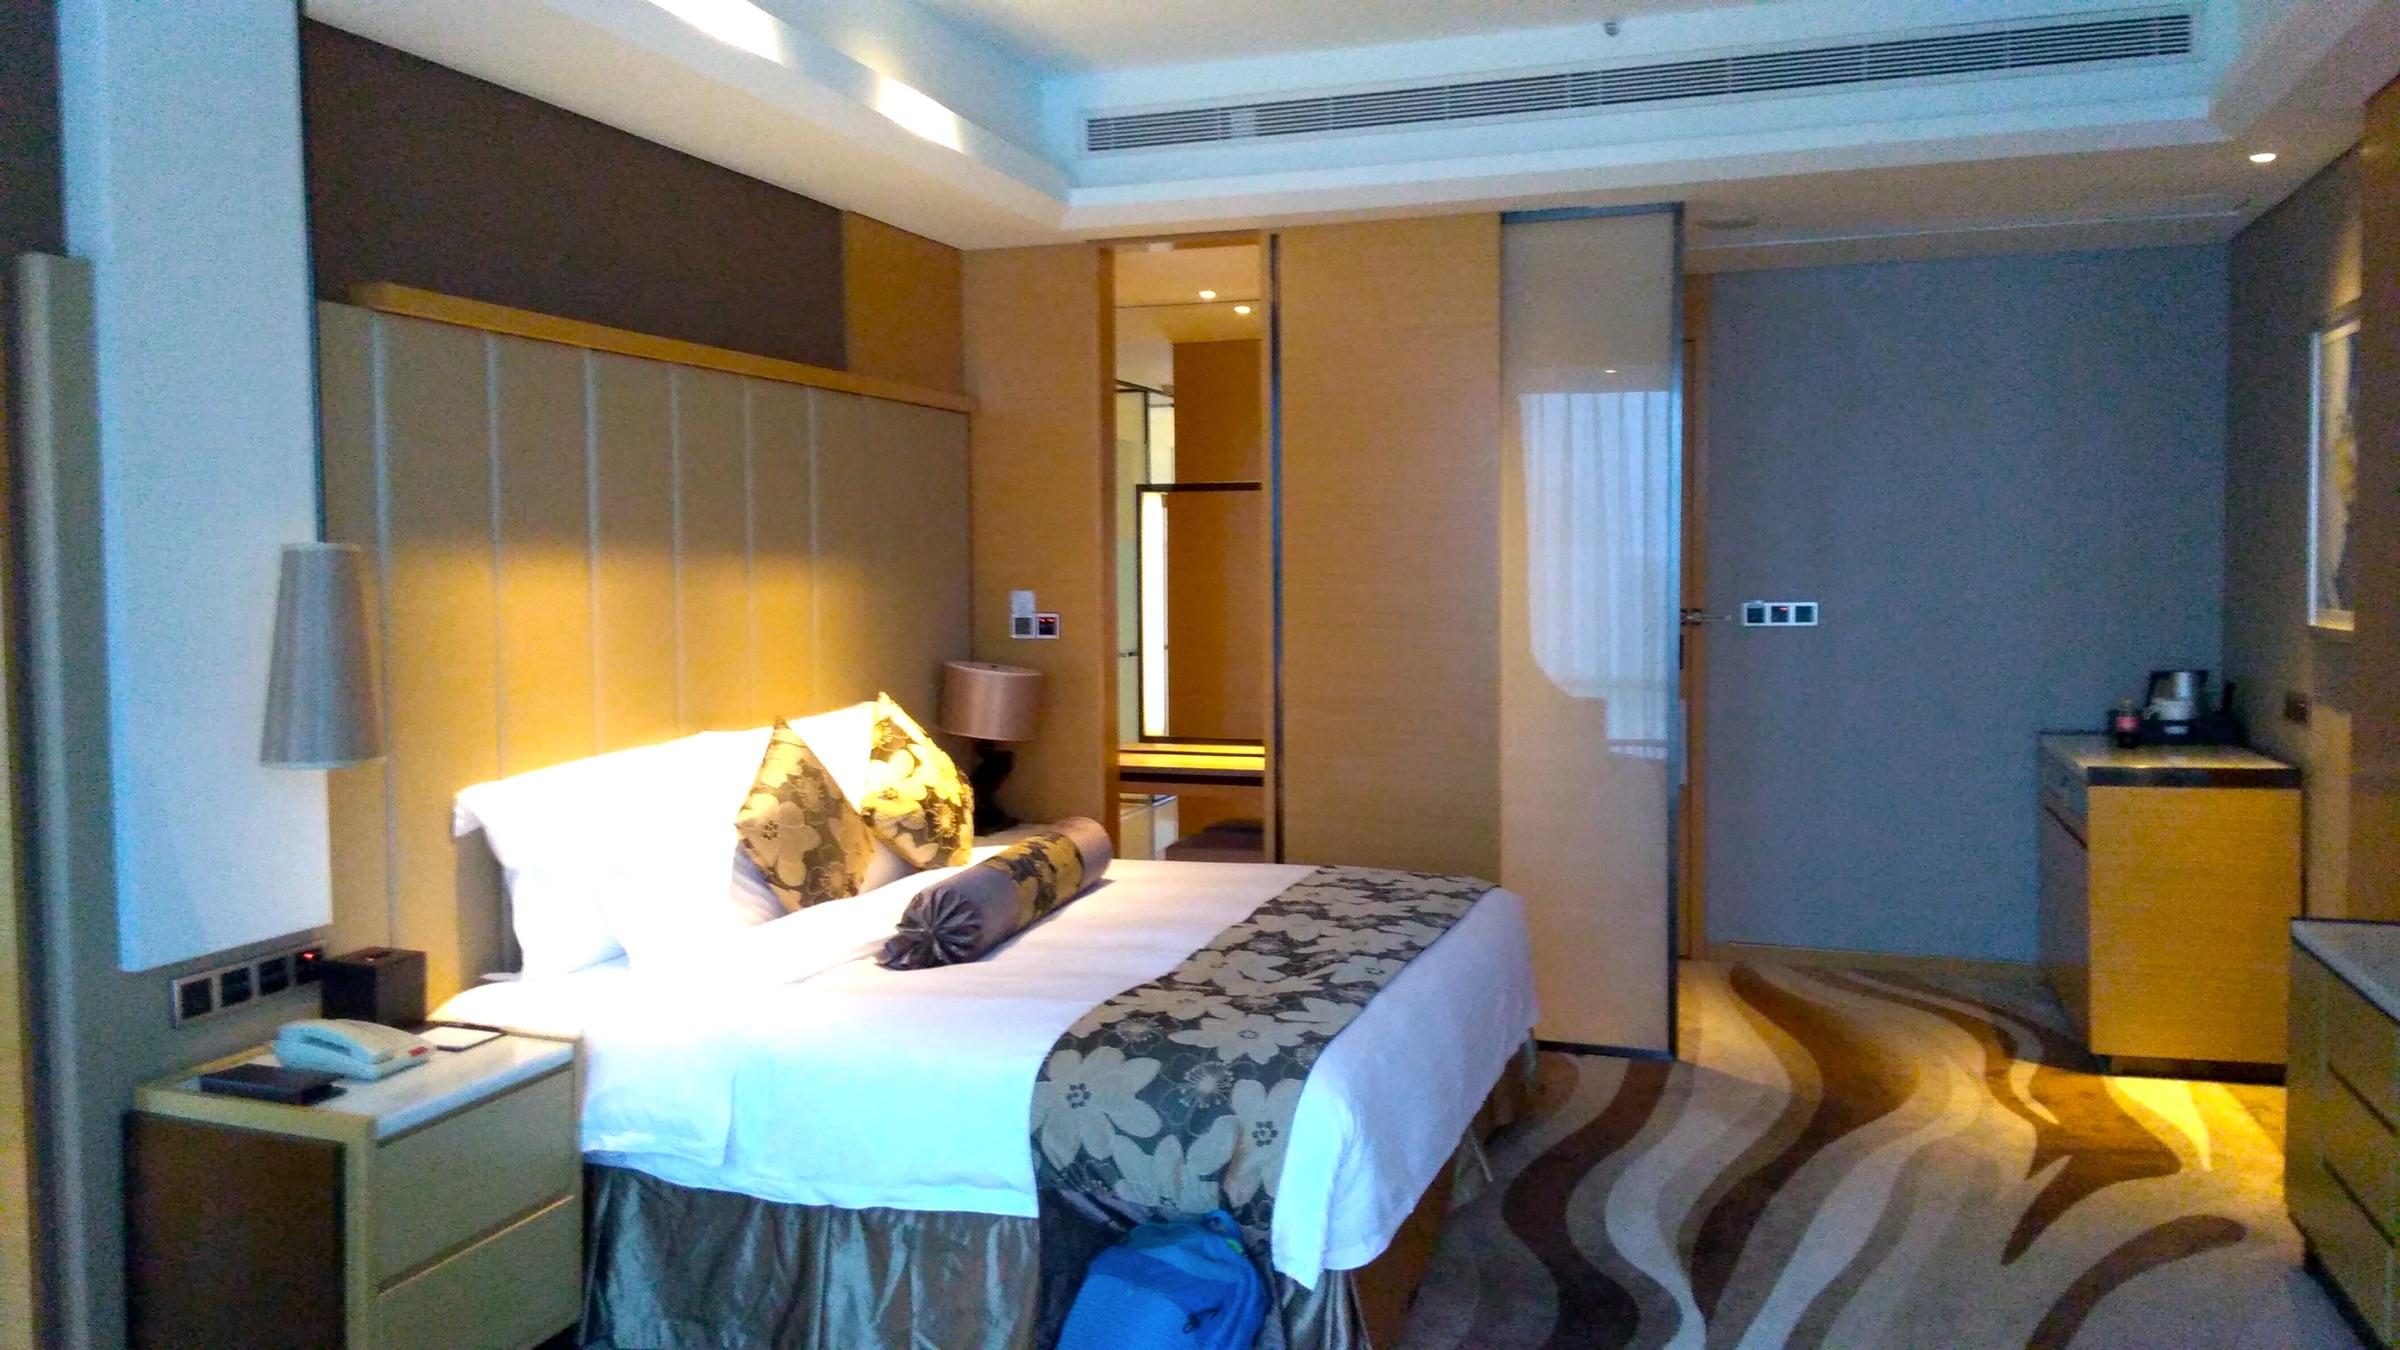 中国 深セン 福田 ウィンダム・グランド・ホテルの室内 ベッド2 Shenzhen Futian Wyndham Grand Hotel_[0]